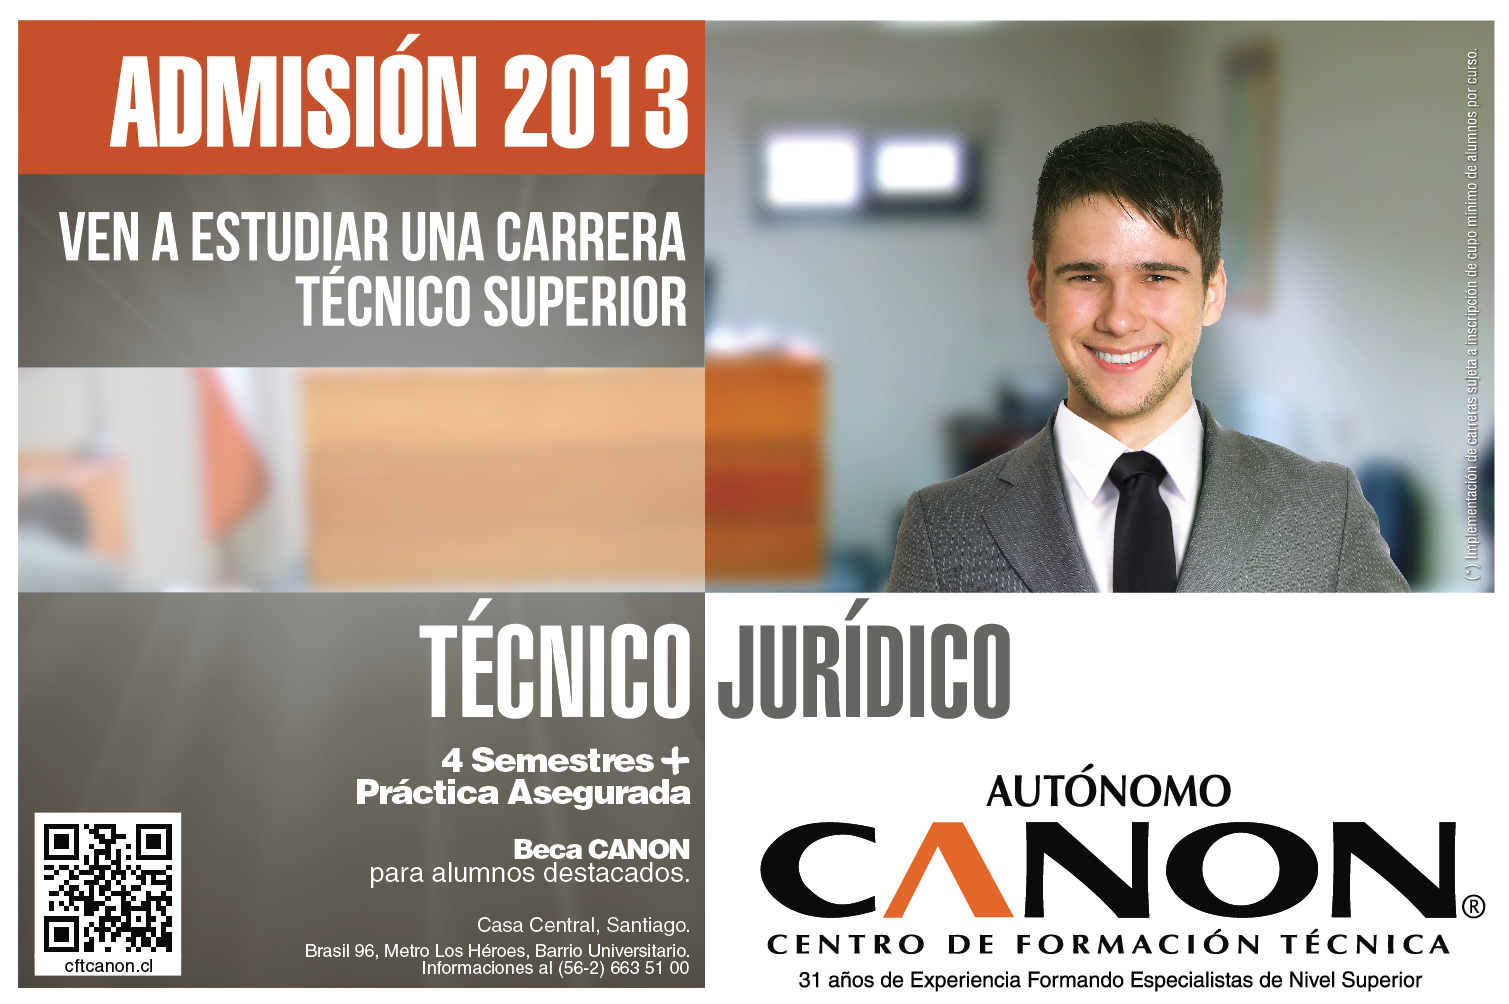 Somos los creadores de la Carrera de Técnico Jurídico. Estamos ubicados en Brasil 96, fono 022-6635100, escribir a extensión@cftcanon.cl  www.cftcanon.cl